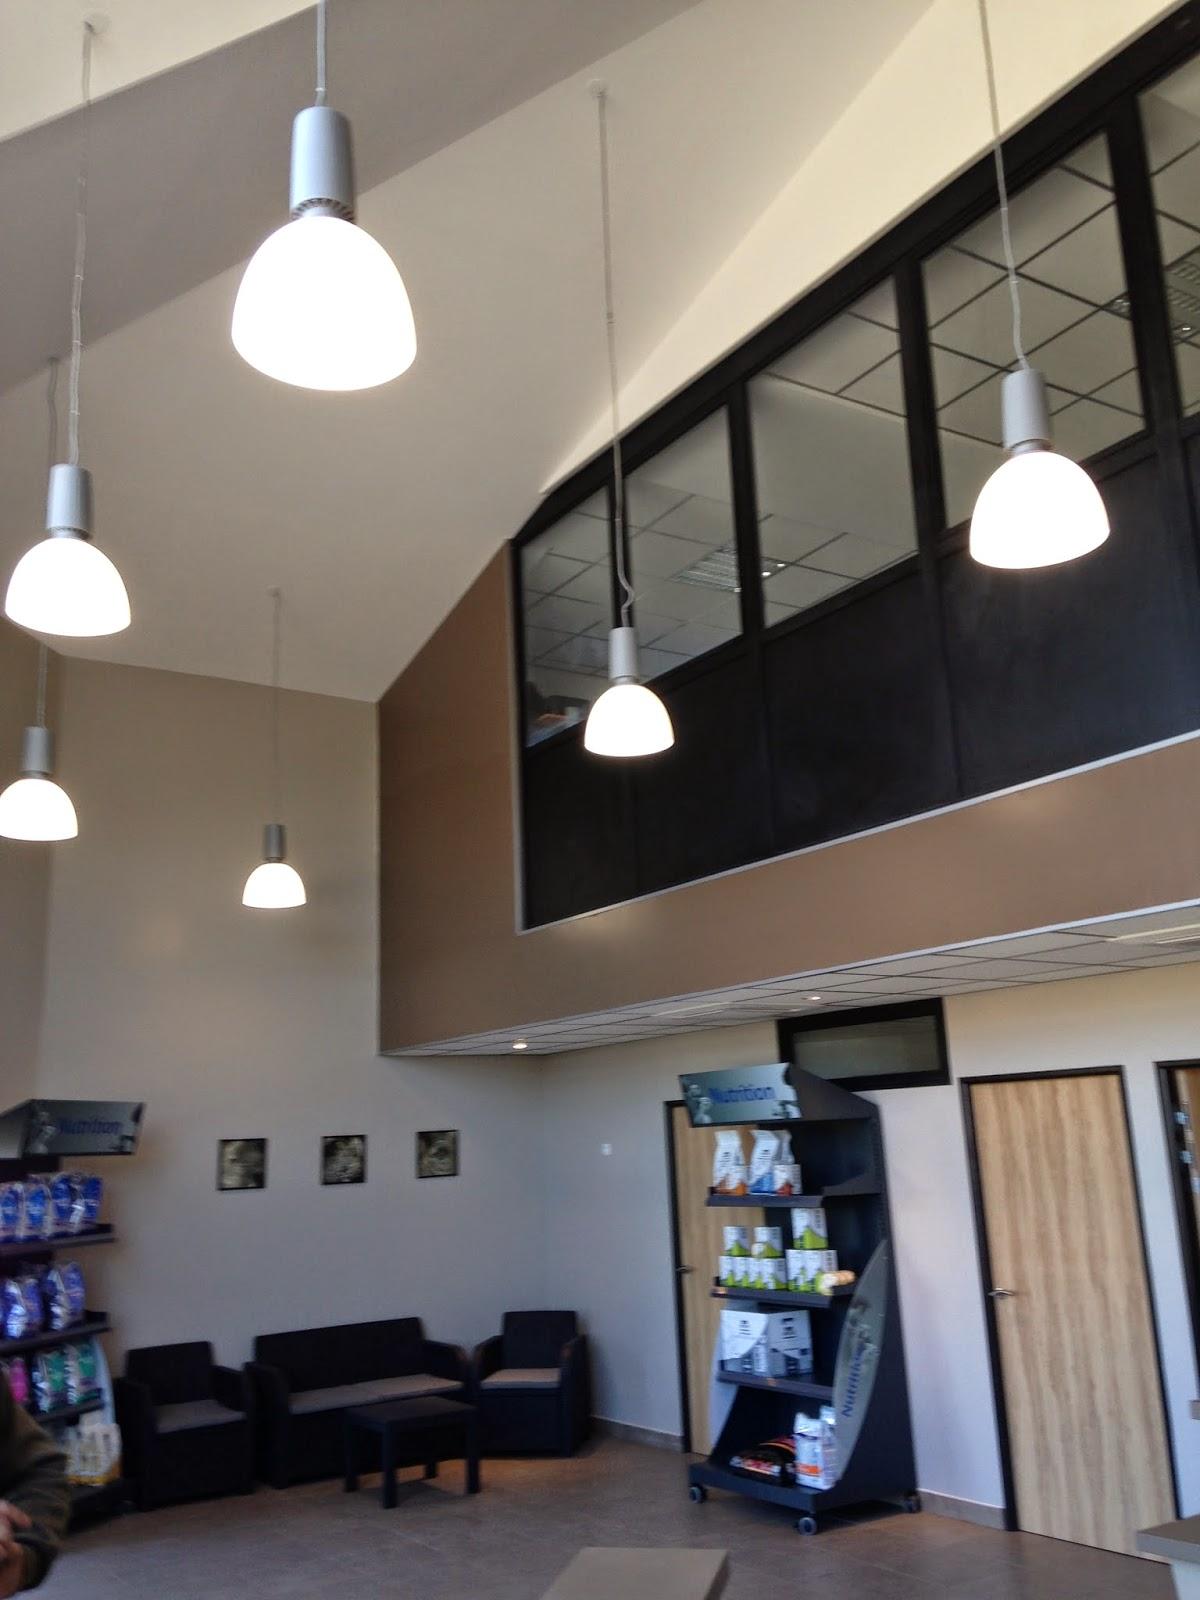 plaquiste lyon plaquiste a lyon renovation lyon peintre lyon. Black Bedroom Furniture Sets. Home Design Ideas